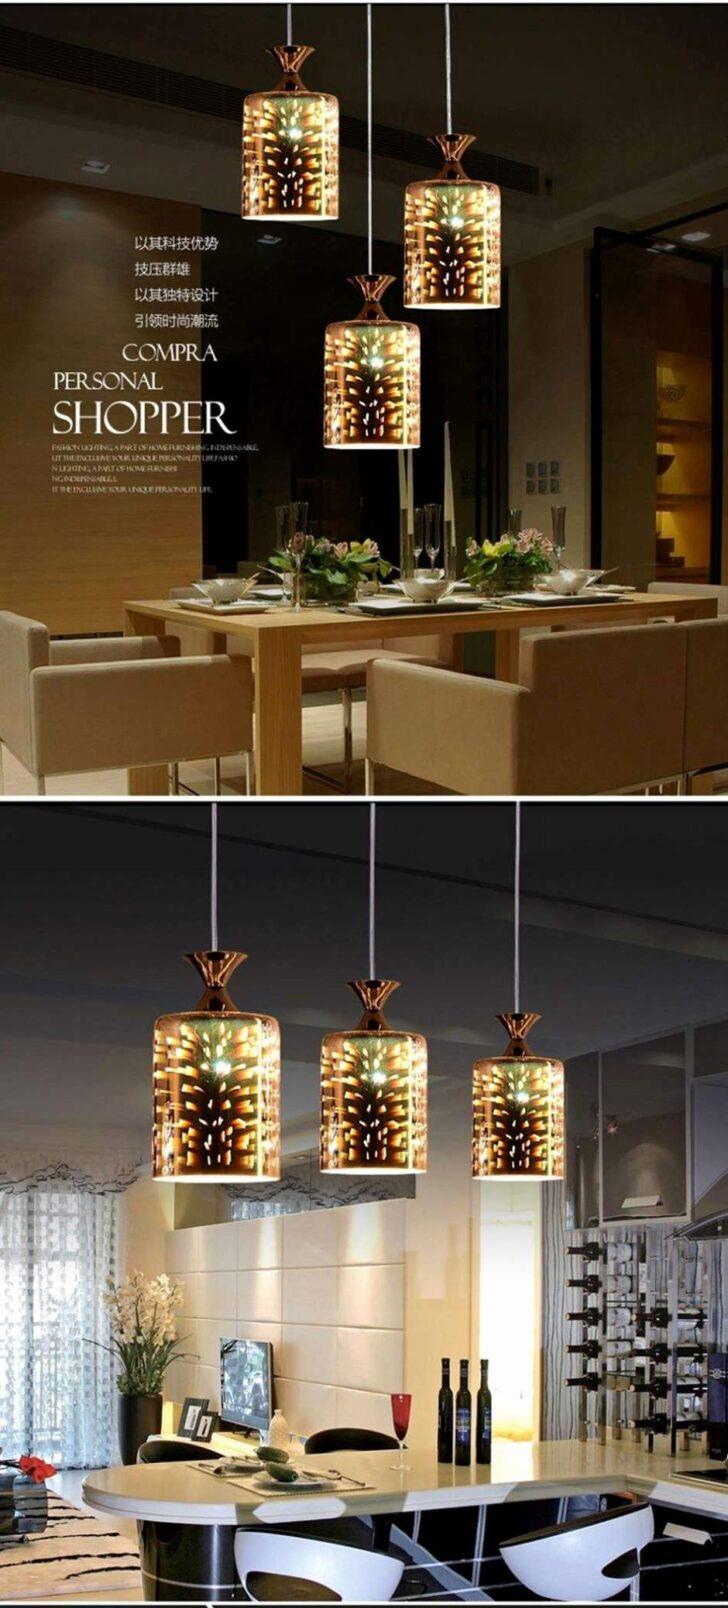 Medium Size of Wohnzimmer Lampe Selber Bauen Holz Selbst Led Beleuchtung Leuchte Indirekte Machen Das Beste Von 45 Regale Wandbild Bilder Xxl Lampen Küche Deckenlampen Wohnzimmer Wohnzimmer Lampe Selber Bauen